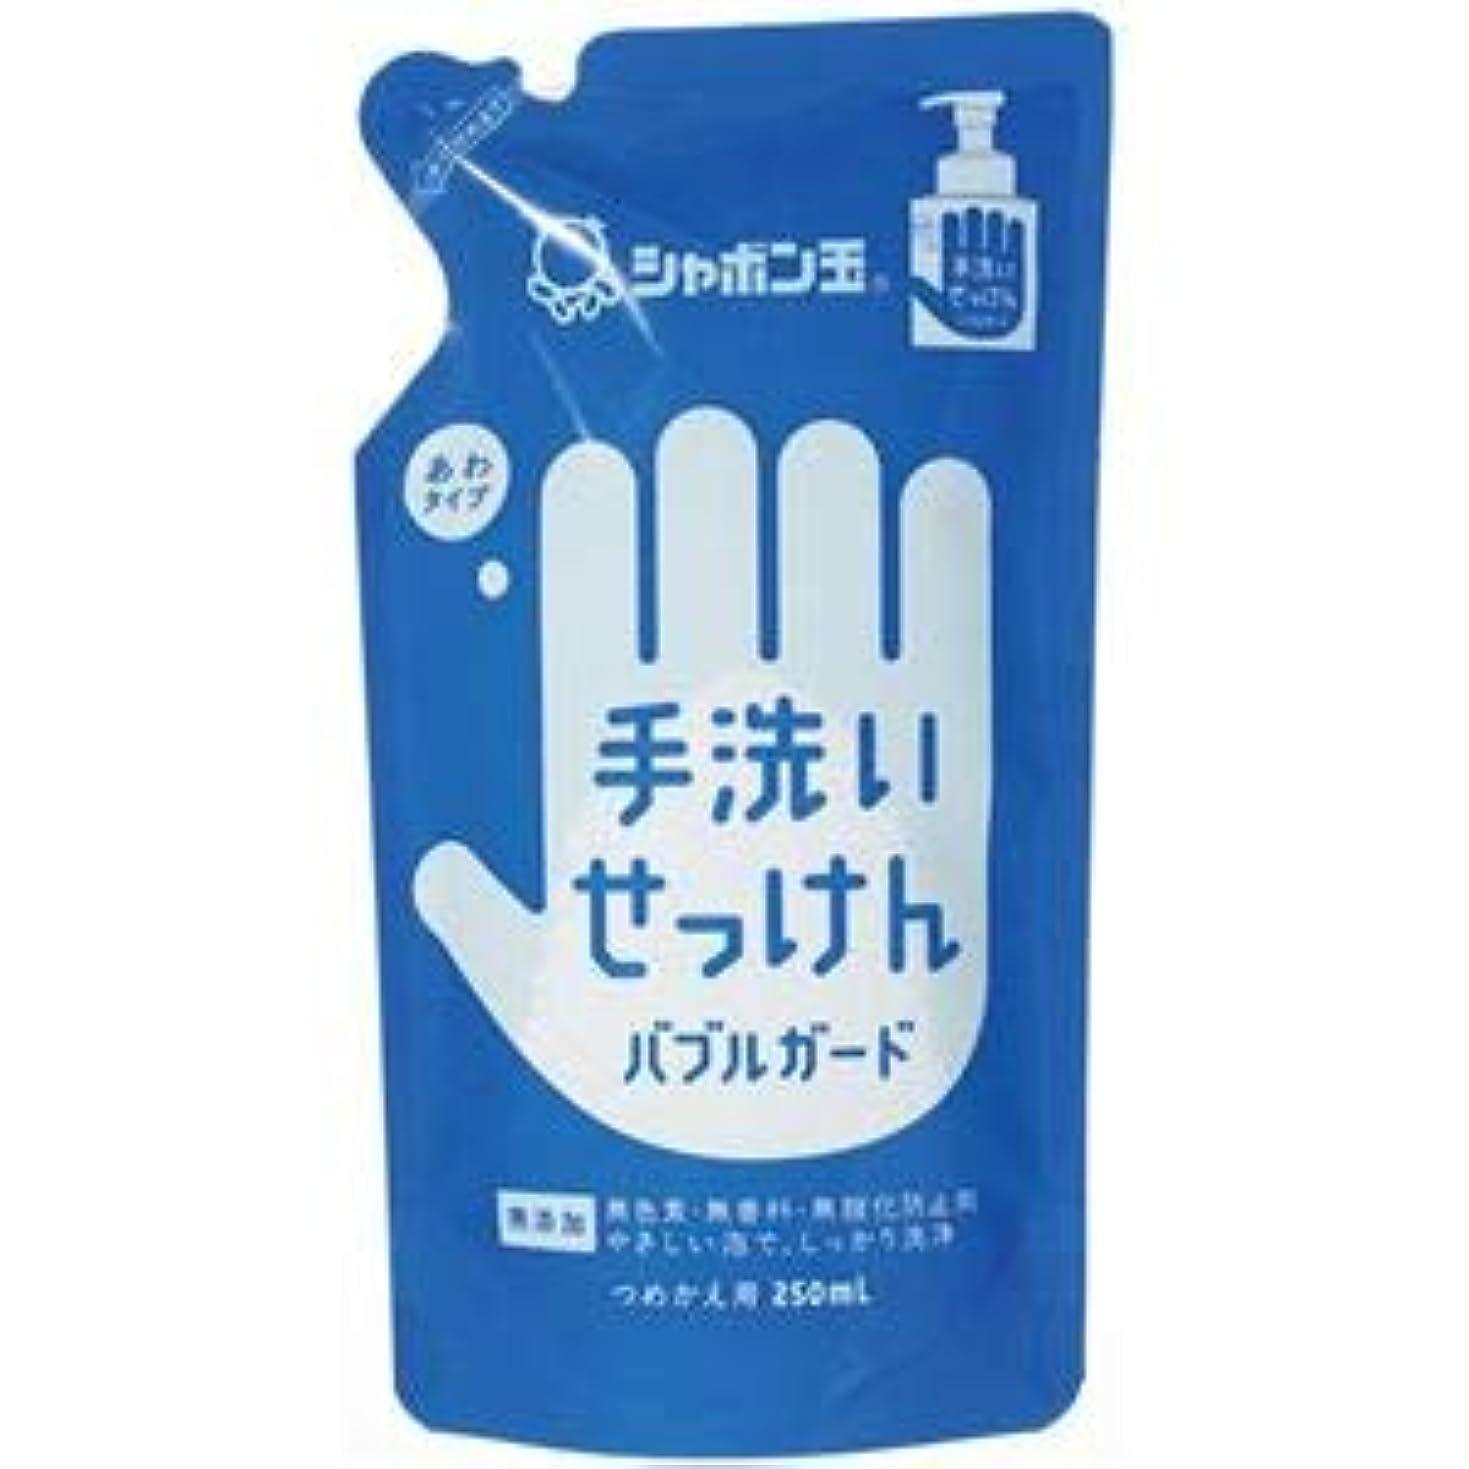 トレーダー選択コンバーチブル(まとめ) シャボン玉石けん 手洗いせっけんバブルガード詰替用250ml【×10セット】